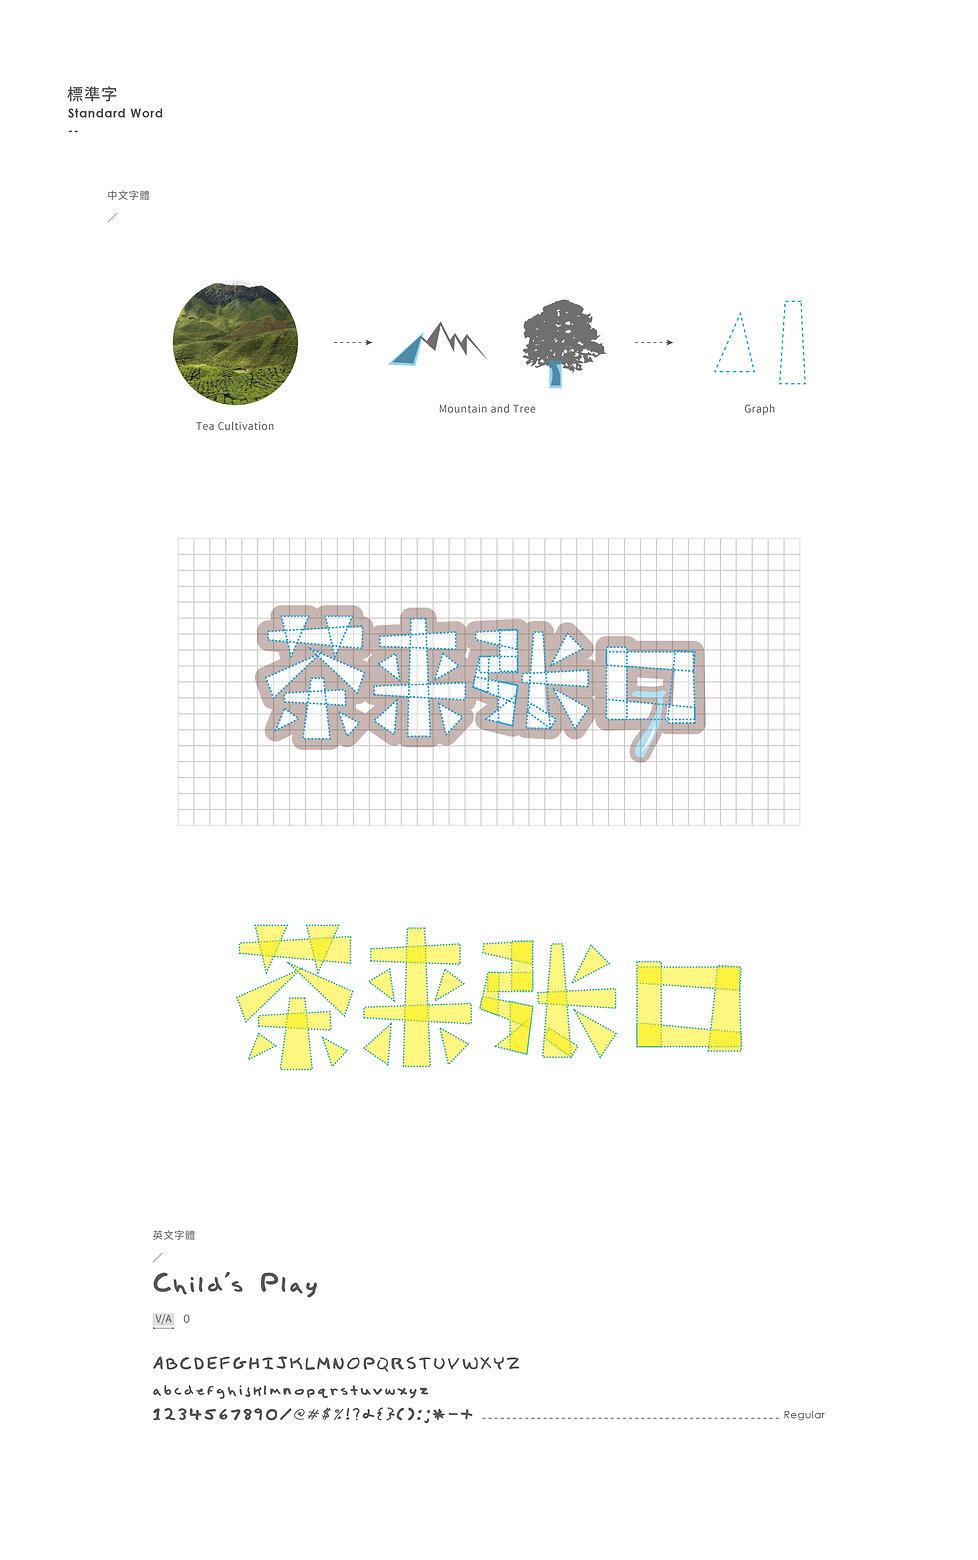 茶來張口_behance-02.jpg